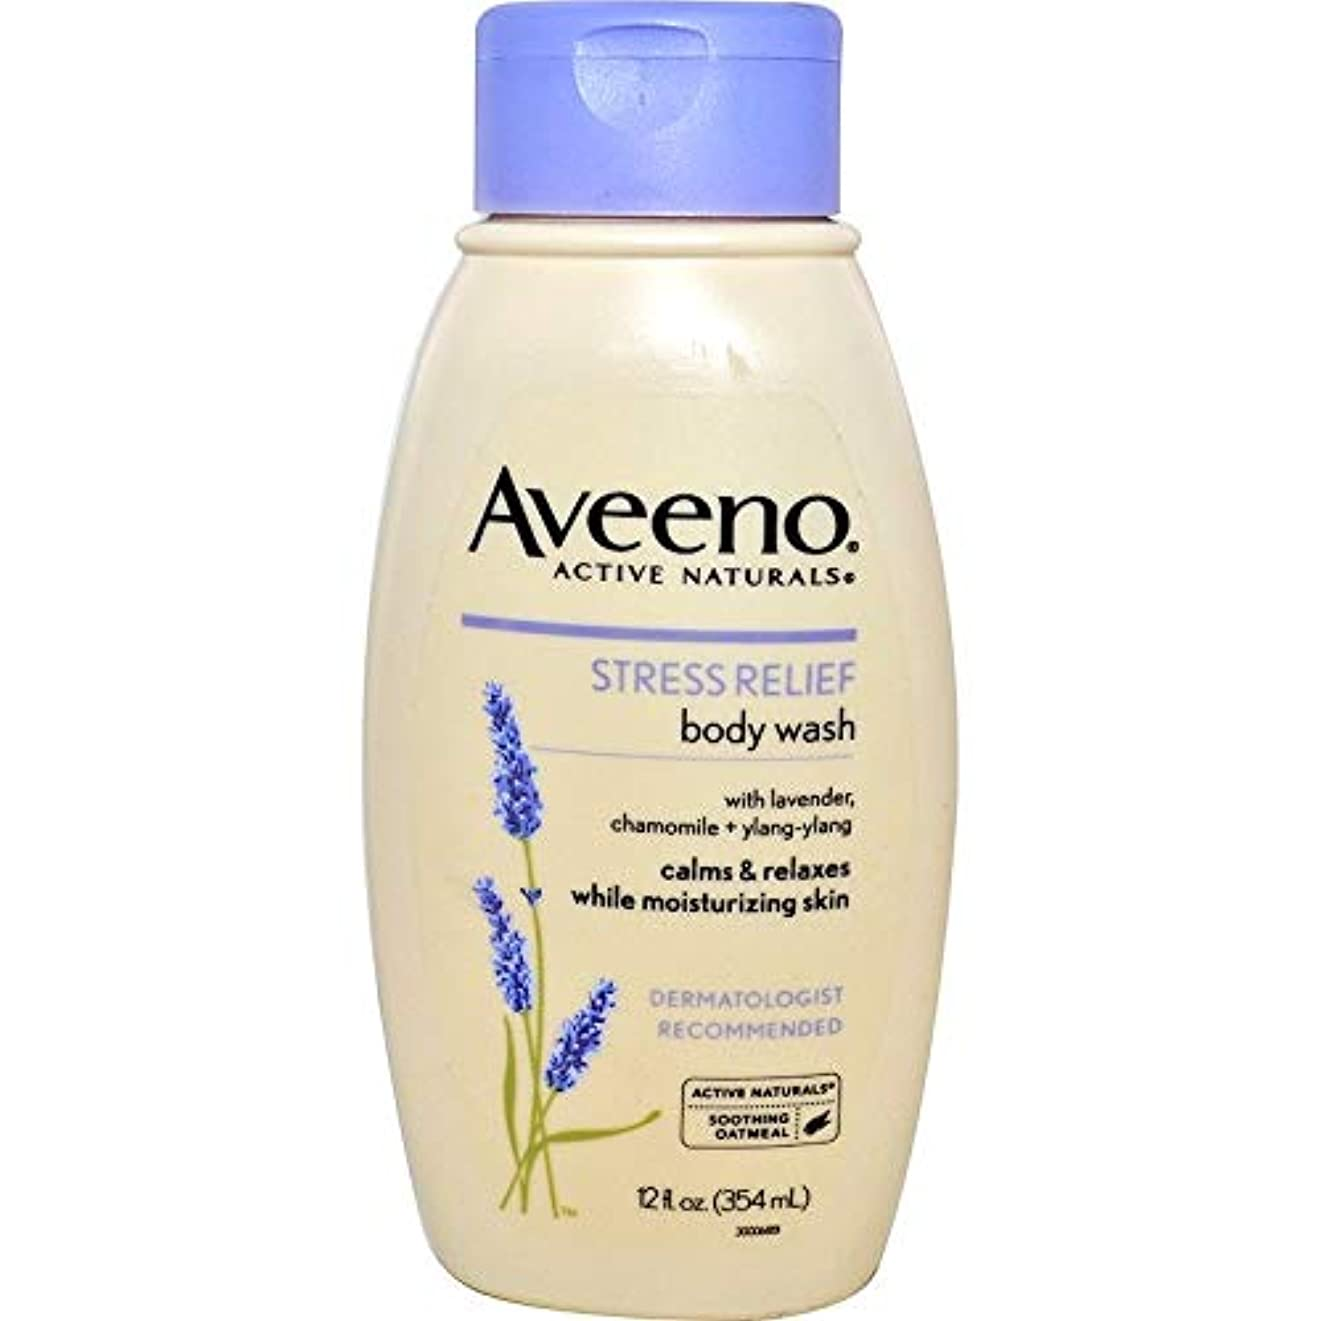 手紙を書く過度の運河Aveeno Stress Relief Body Wash 12 fl oz by AveenoX 2 Pack [並行輸入品]